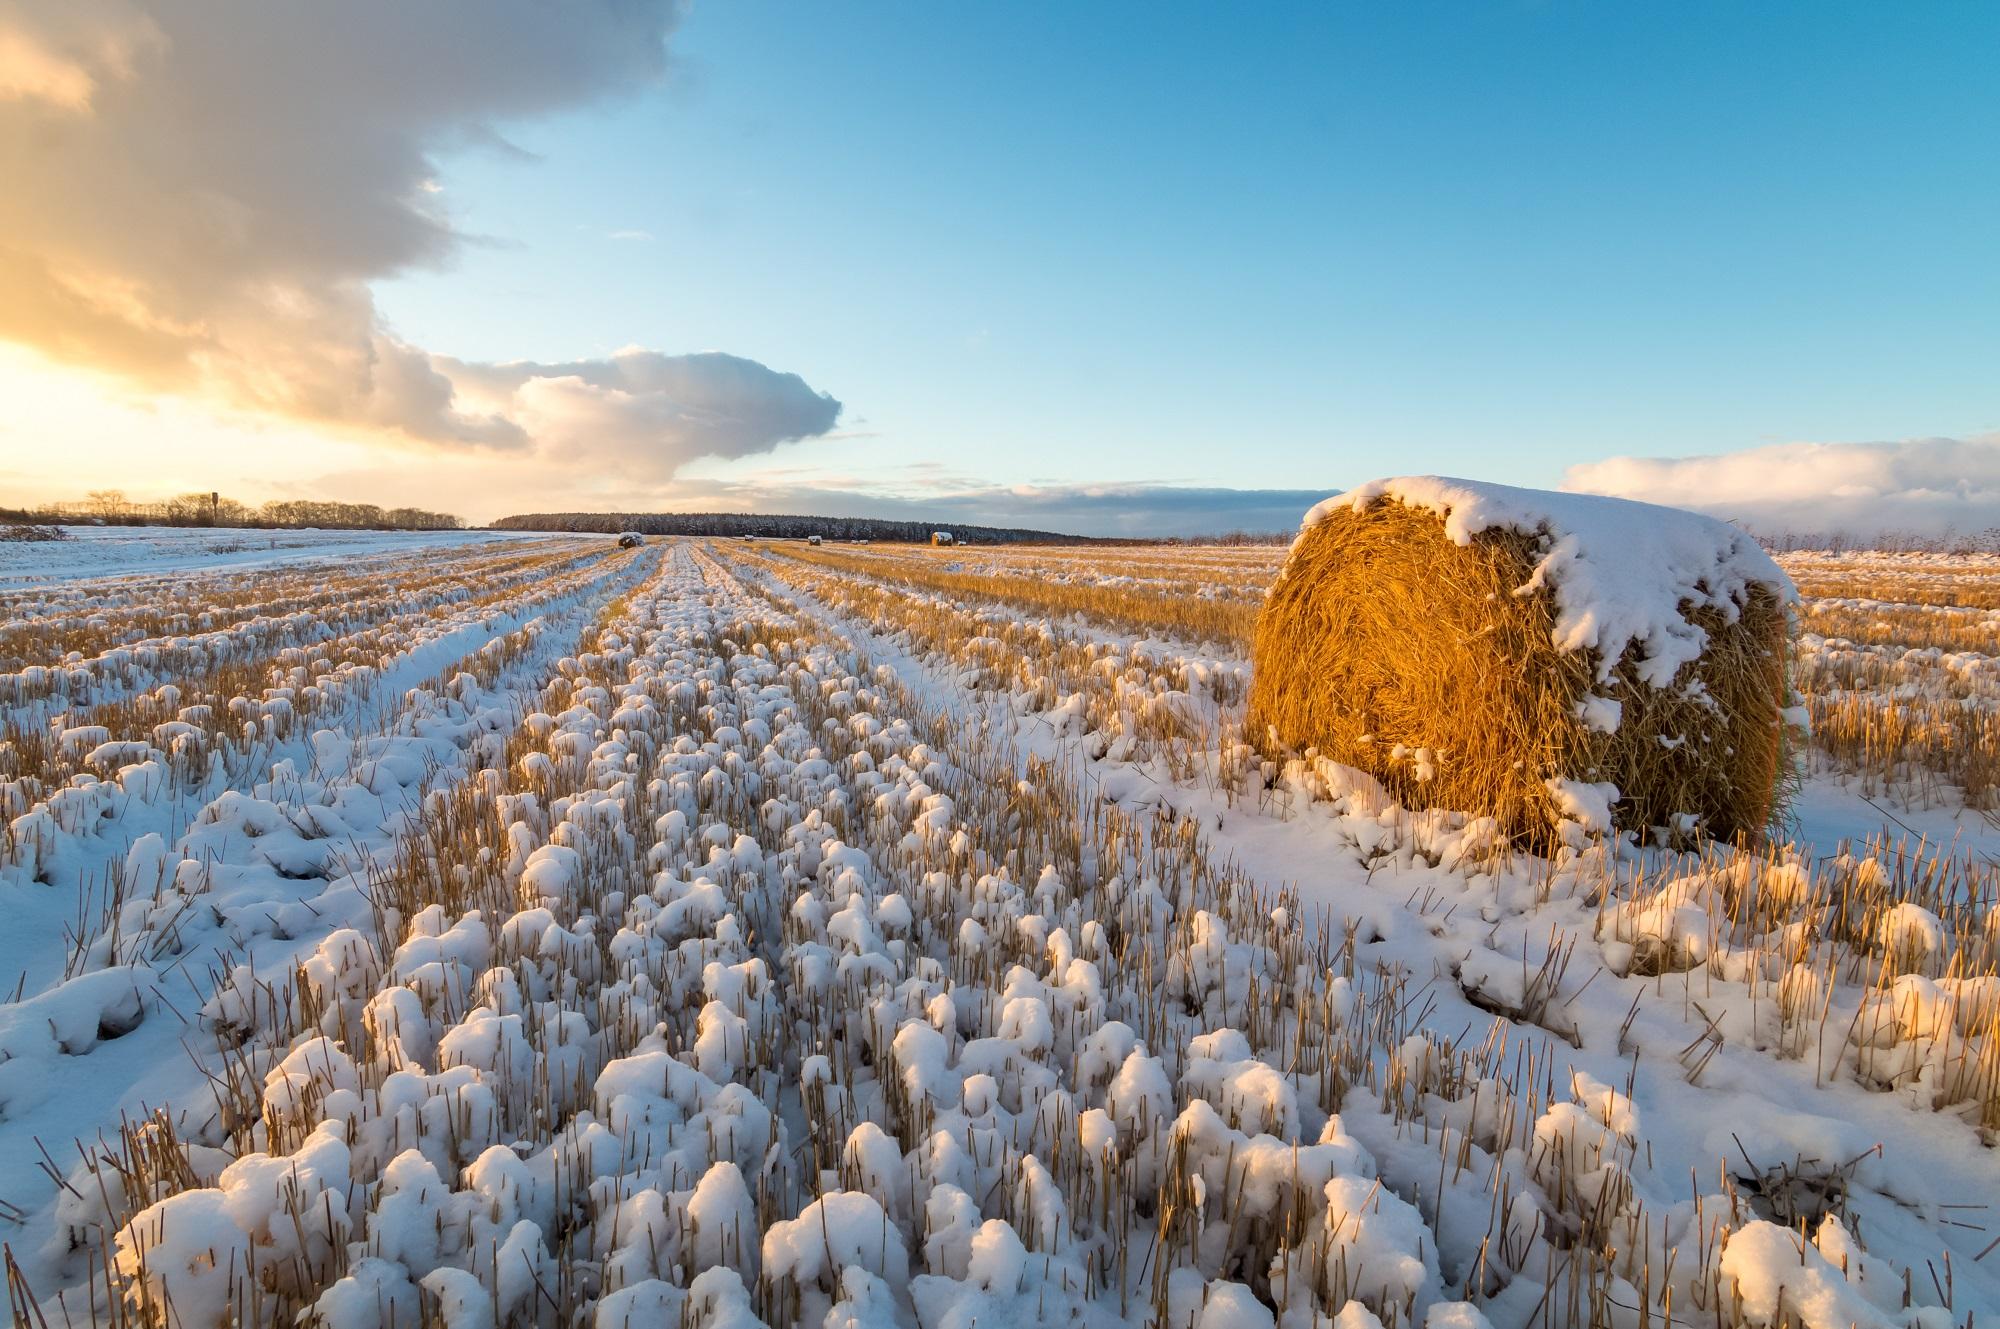 Календарь садовода и огородника ноябрь 2018. Источник фото: Shutterstock